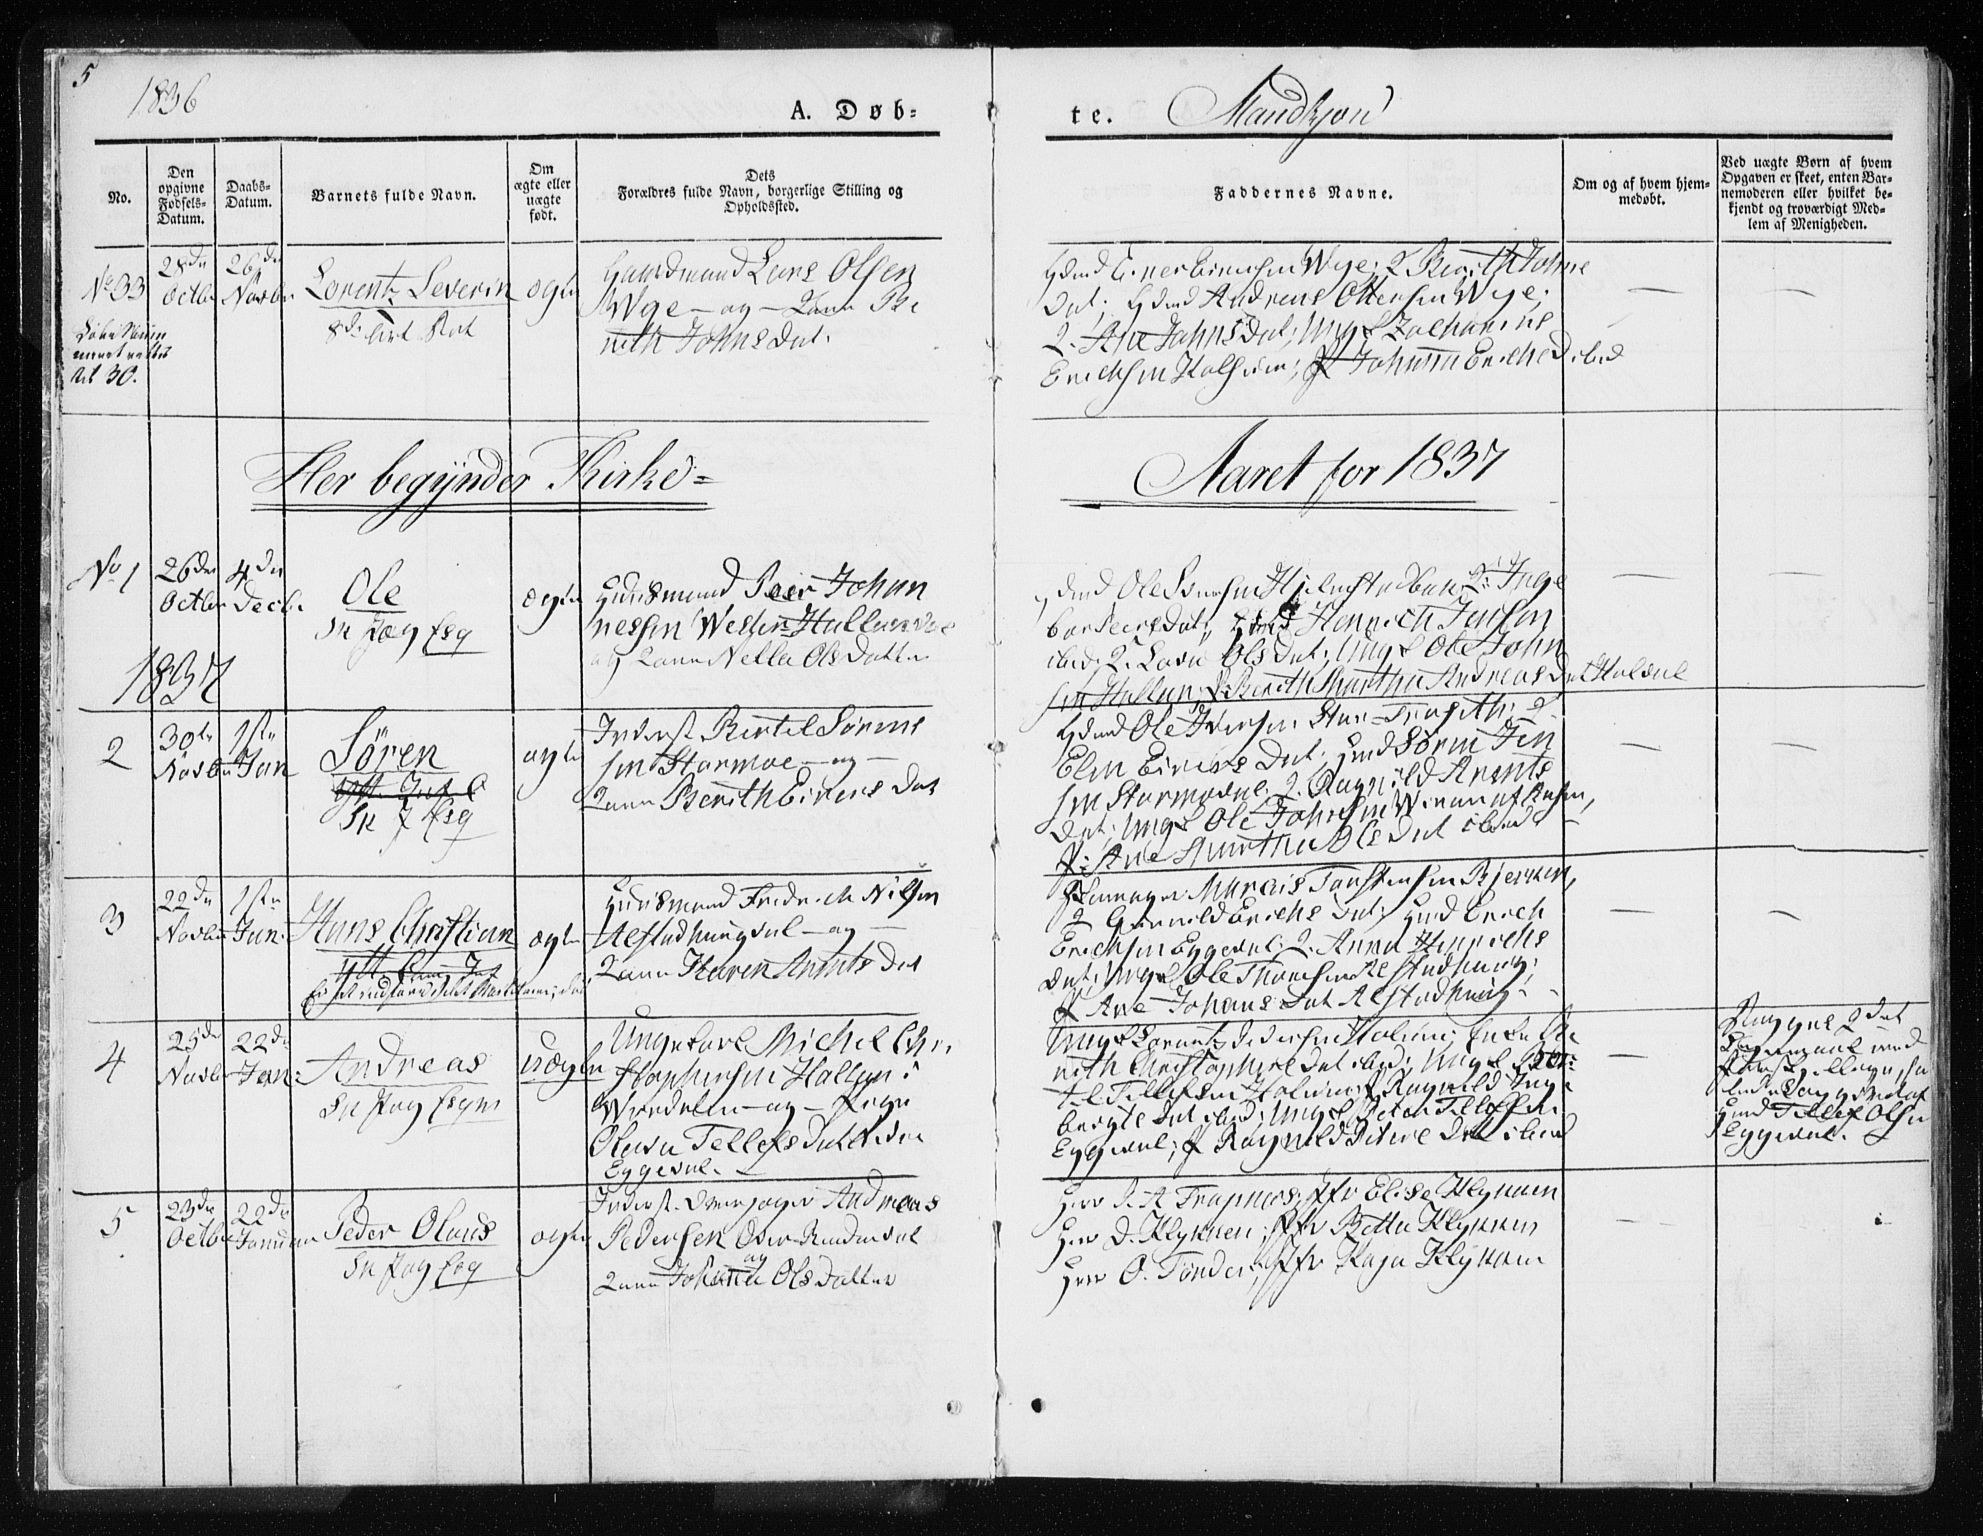 SAT, Ministerialprotokoller, klokkerbøker og fødselsregistre - Nord-Trøndelag, 717/L0154: Ministerialbok nr. 717A06 /1, 1836-1849, s. 5